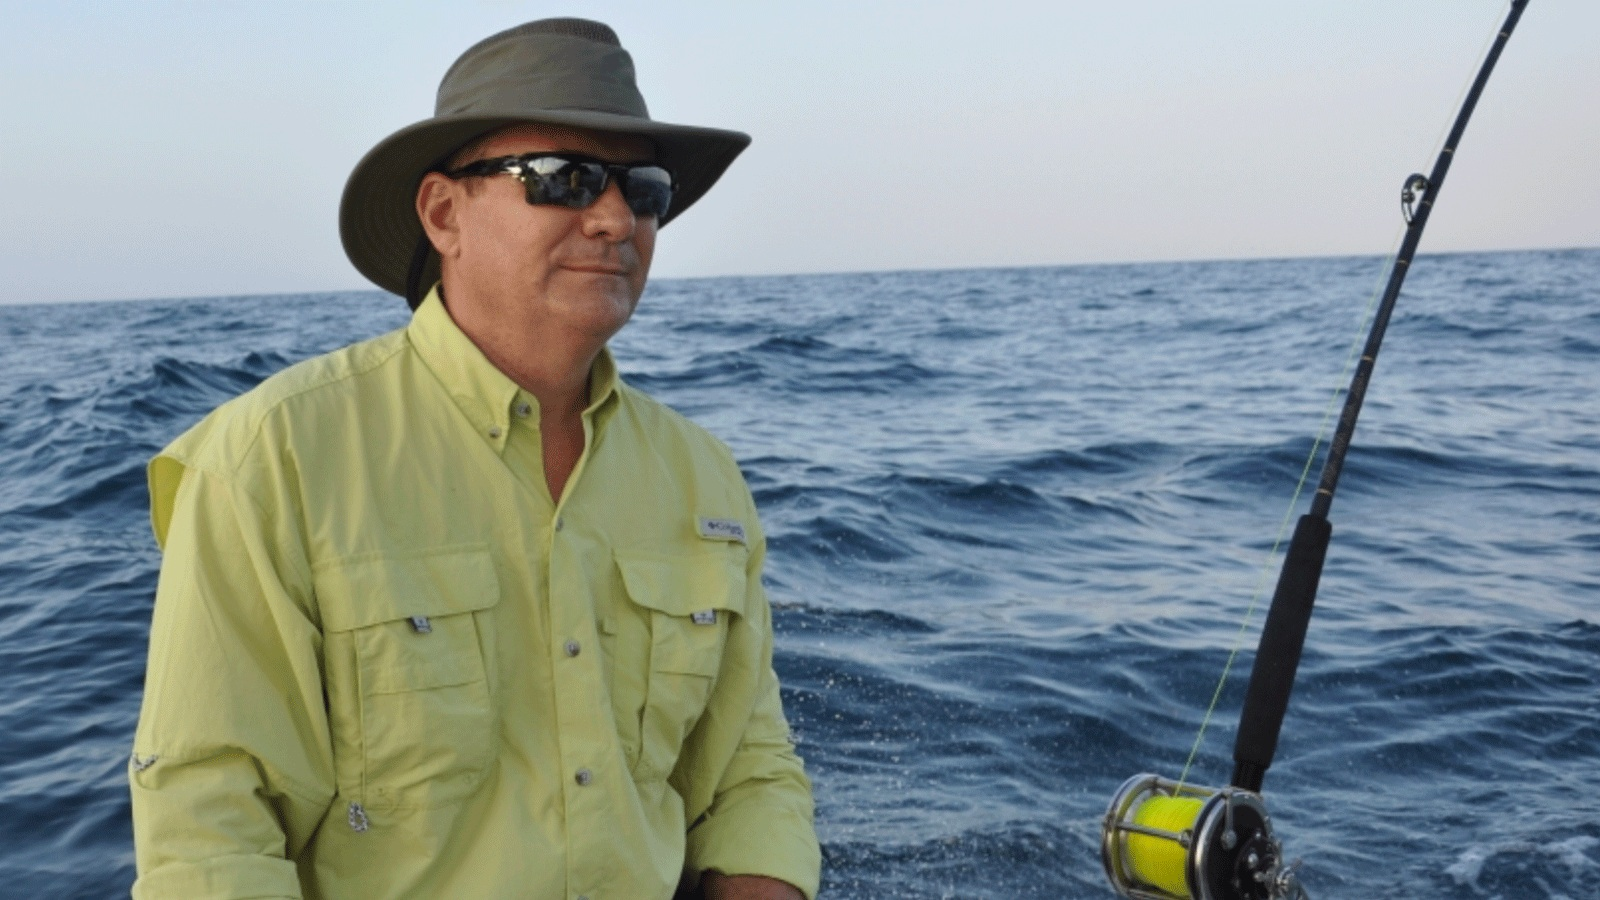 El venezolano que se animó a trasladar una empresa multimillonaria a Barranquilla